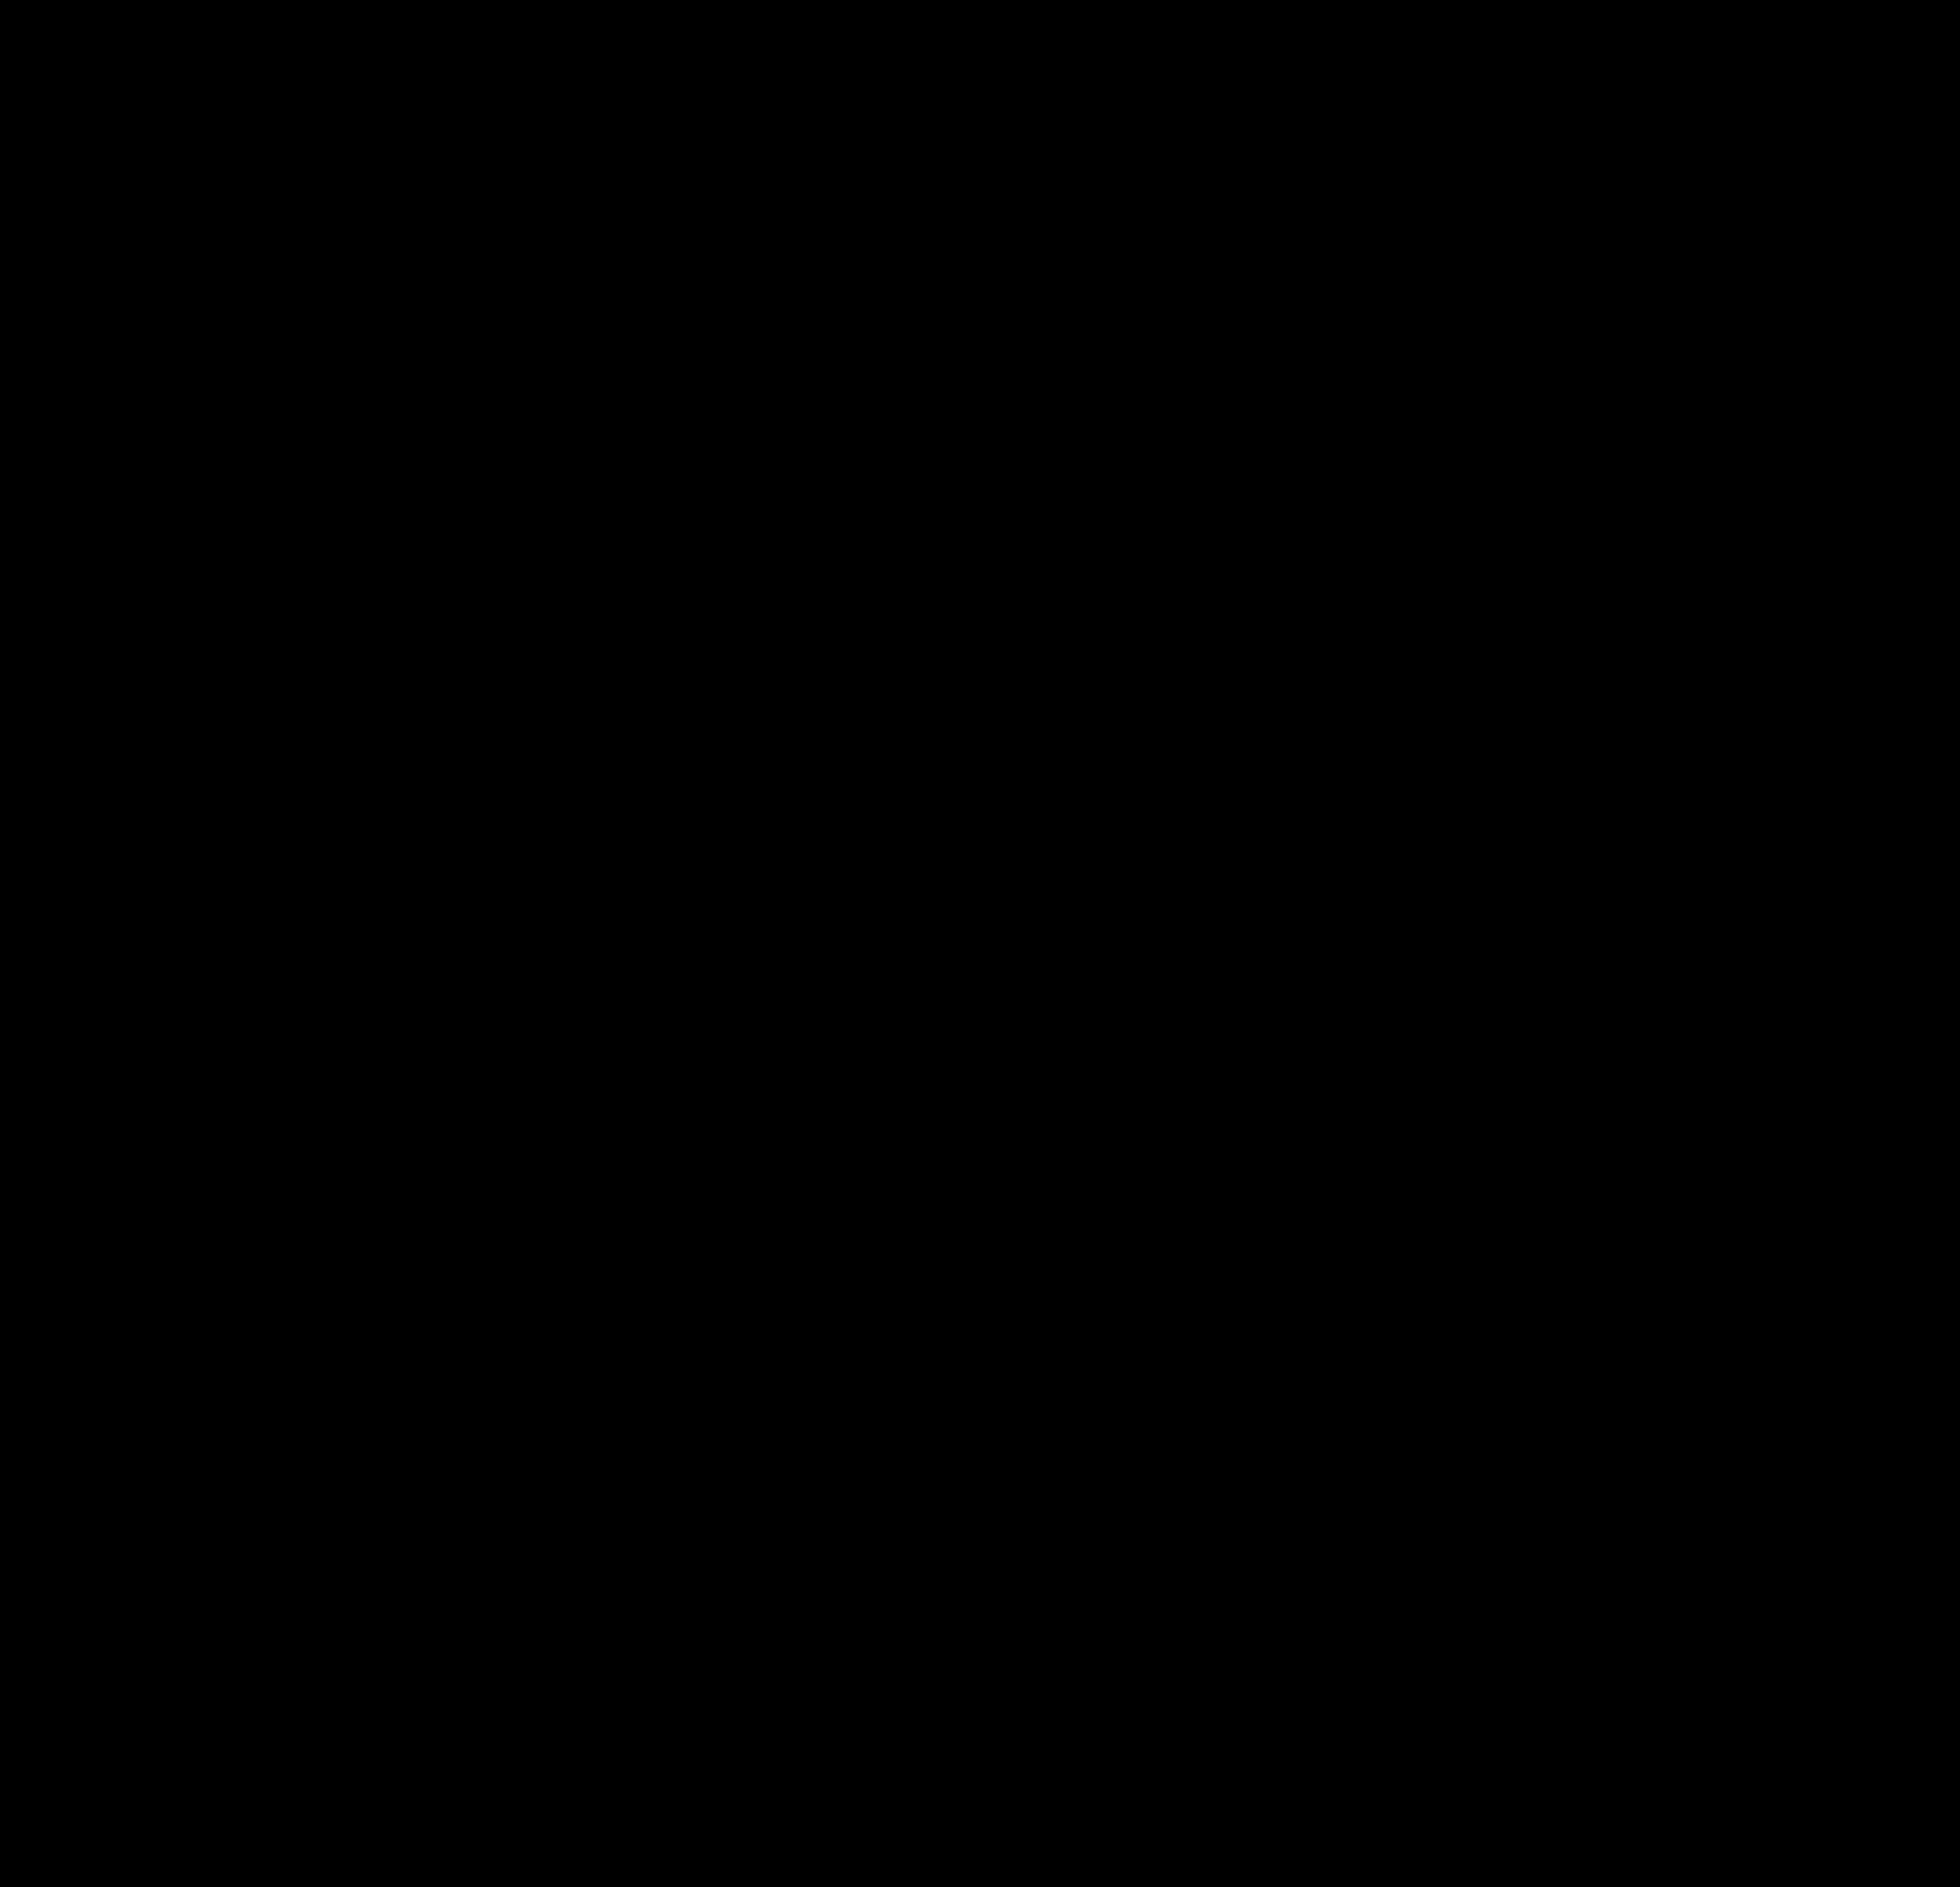 Distritos y secciones de Castellón 2011